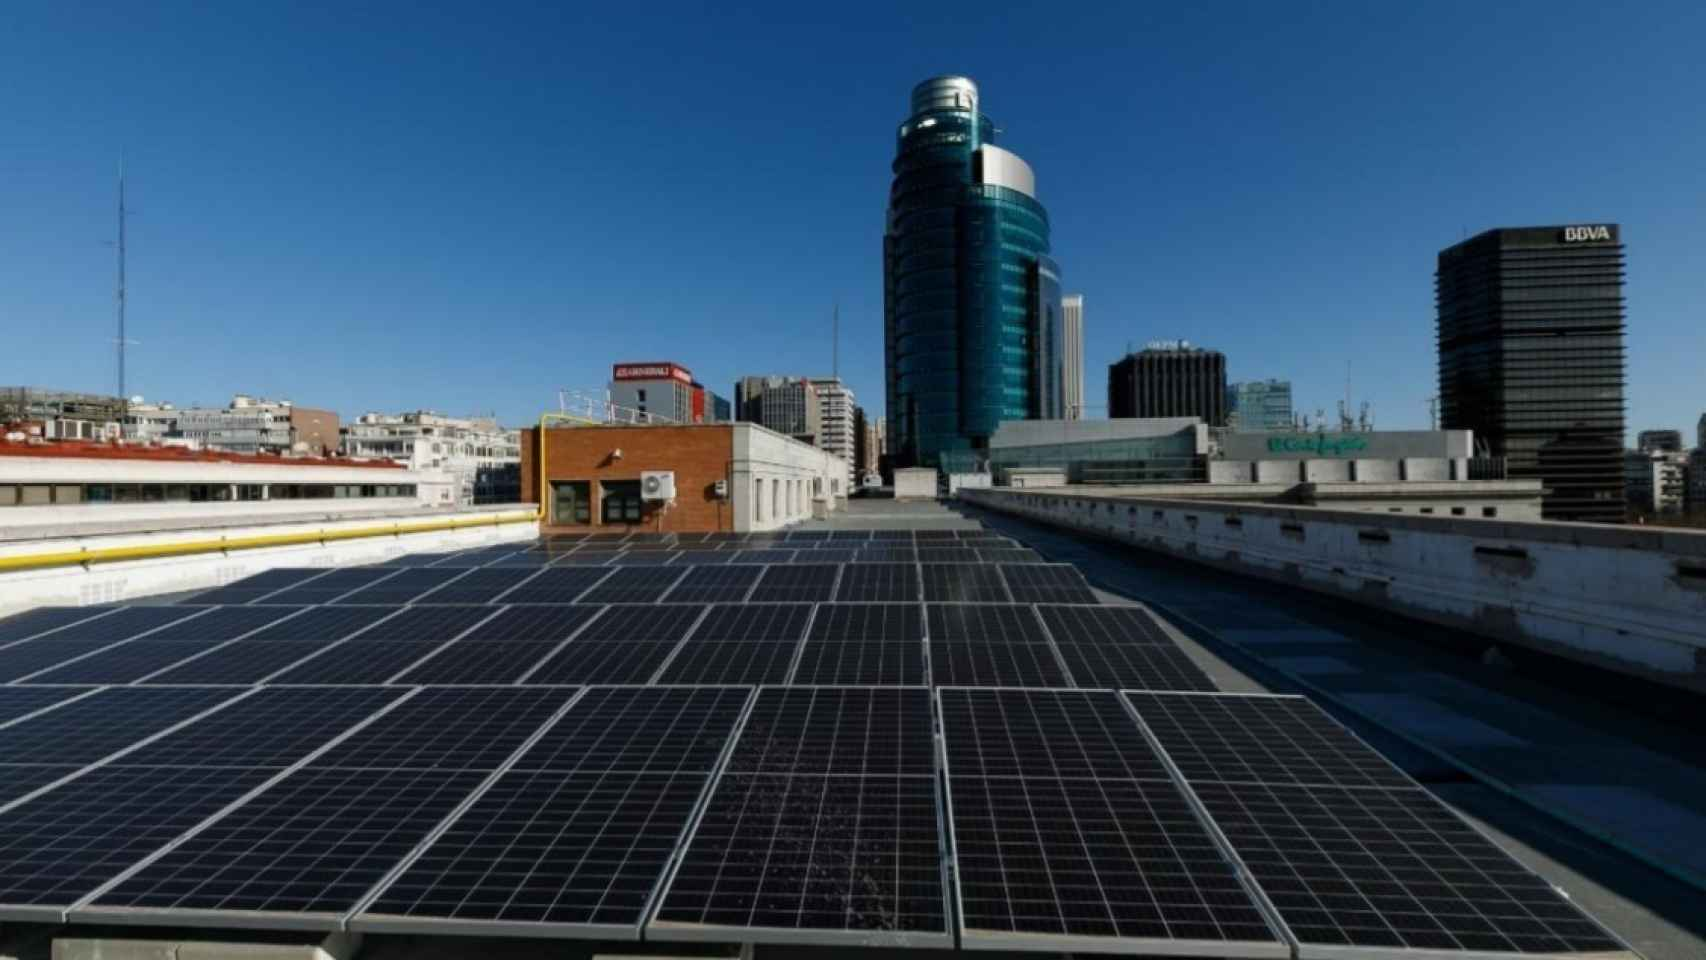 El Ministerio de Transportes instala paneles solares en su sede de Madrid para su electrolinera